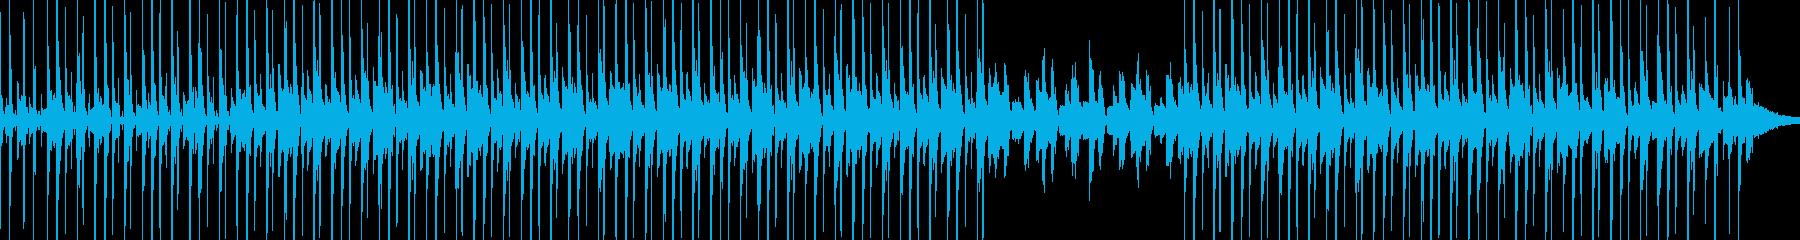 スチールドラムとvibeyレゲエトラックの再生済みの波形